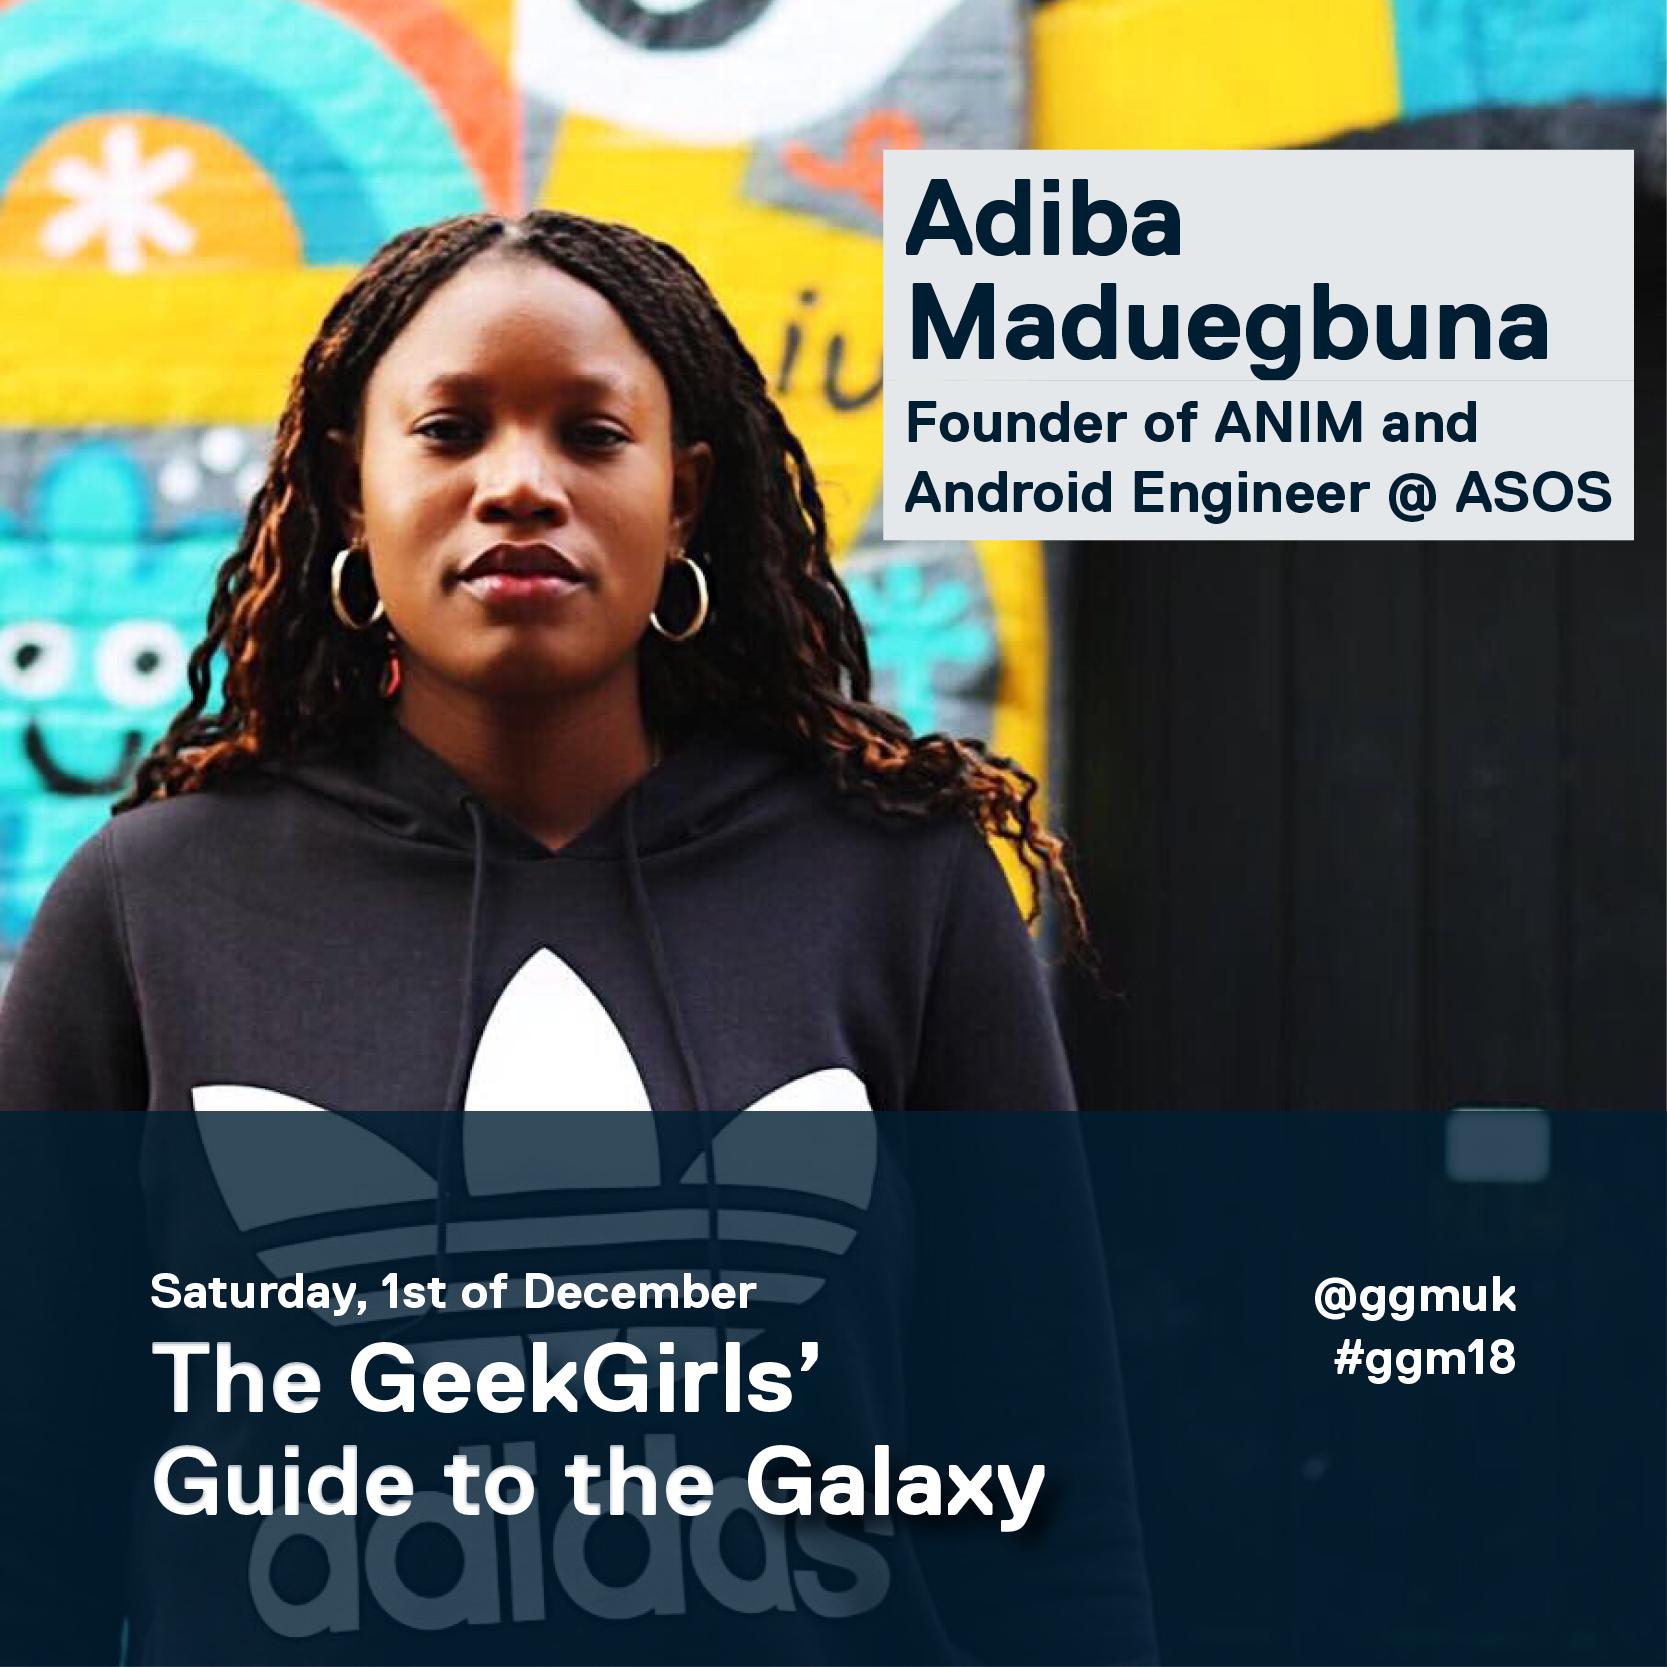 TwitterCard_Adiba Maduegbuna (1).jpg